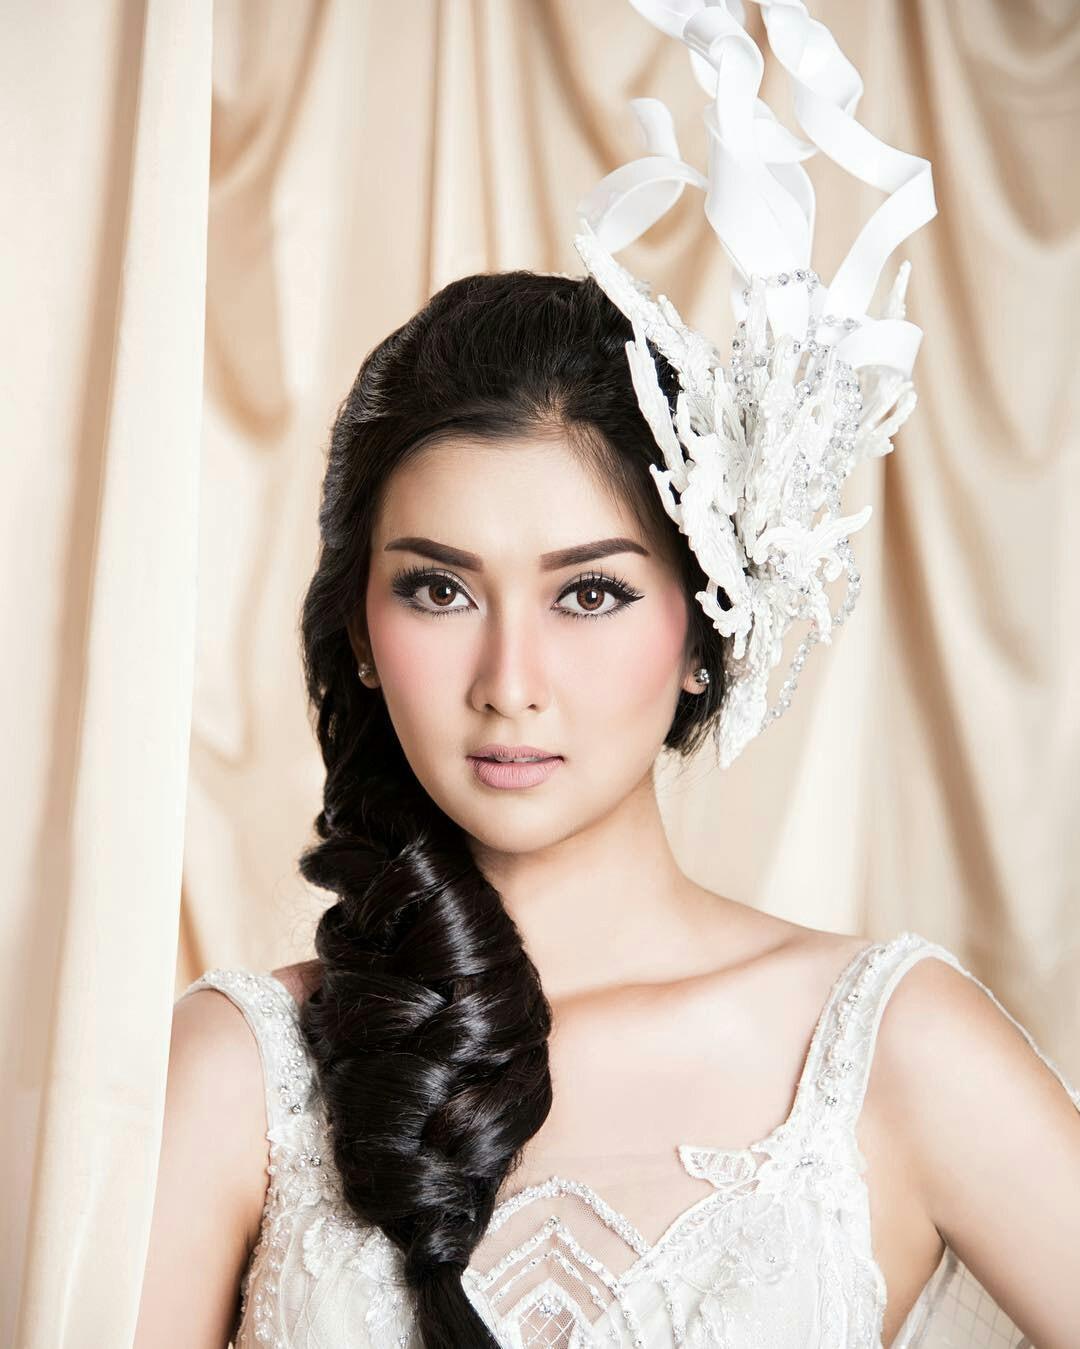 Nhan sắc xinh đẹp của đại diện Indonesia, cô gái đánh bại hơn 70 đối thủ vừa đăng quang Miss International 2017 8